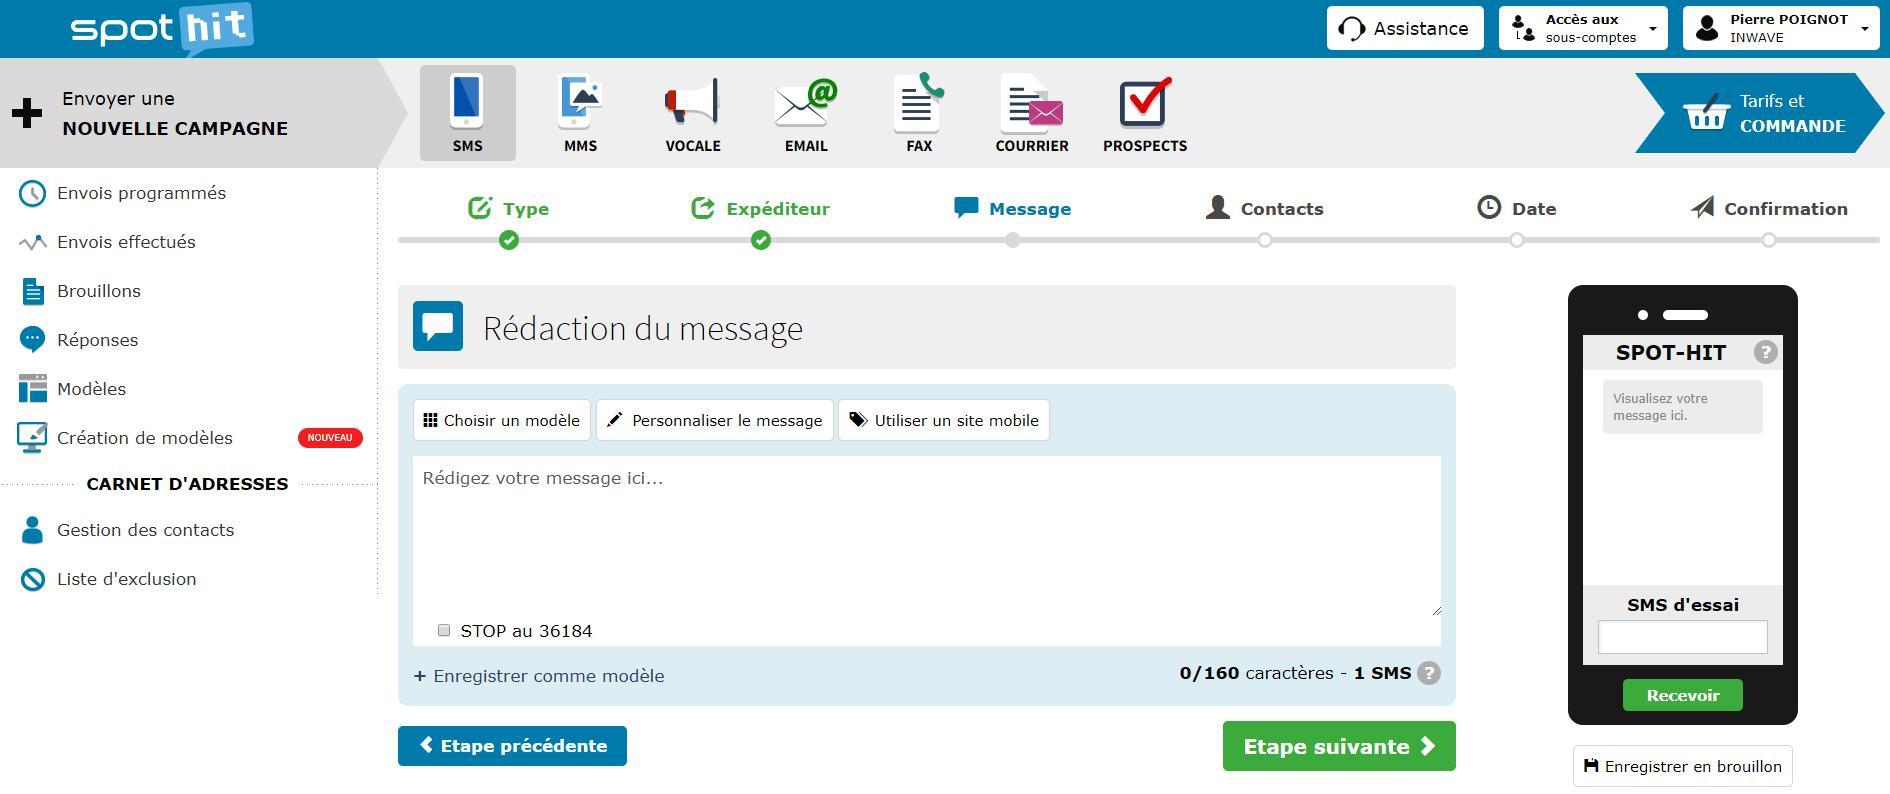 interface du logiciel spot-hit pour l'envoi de sms en masse